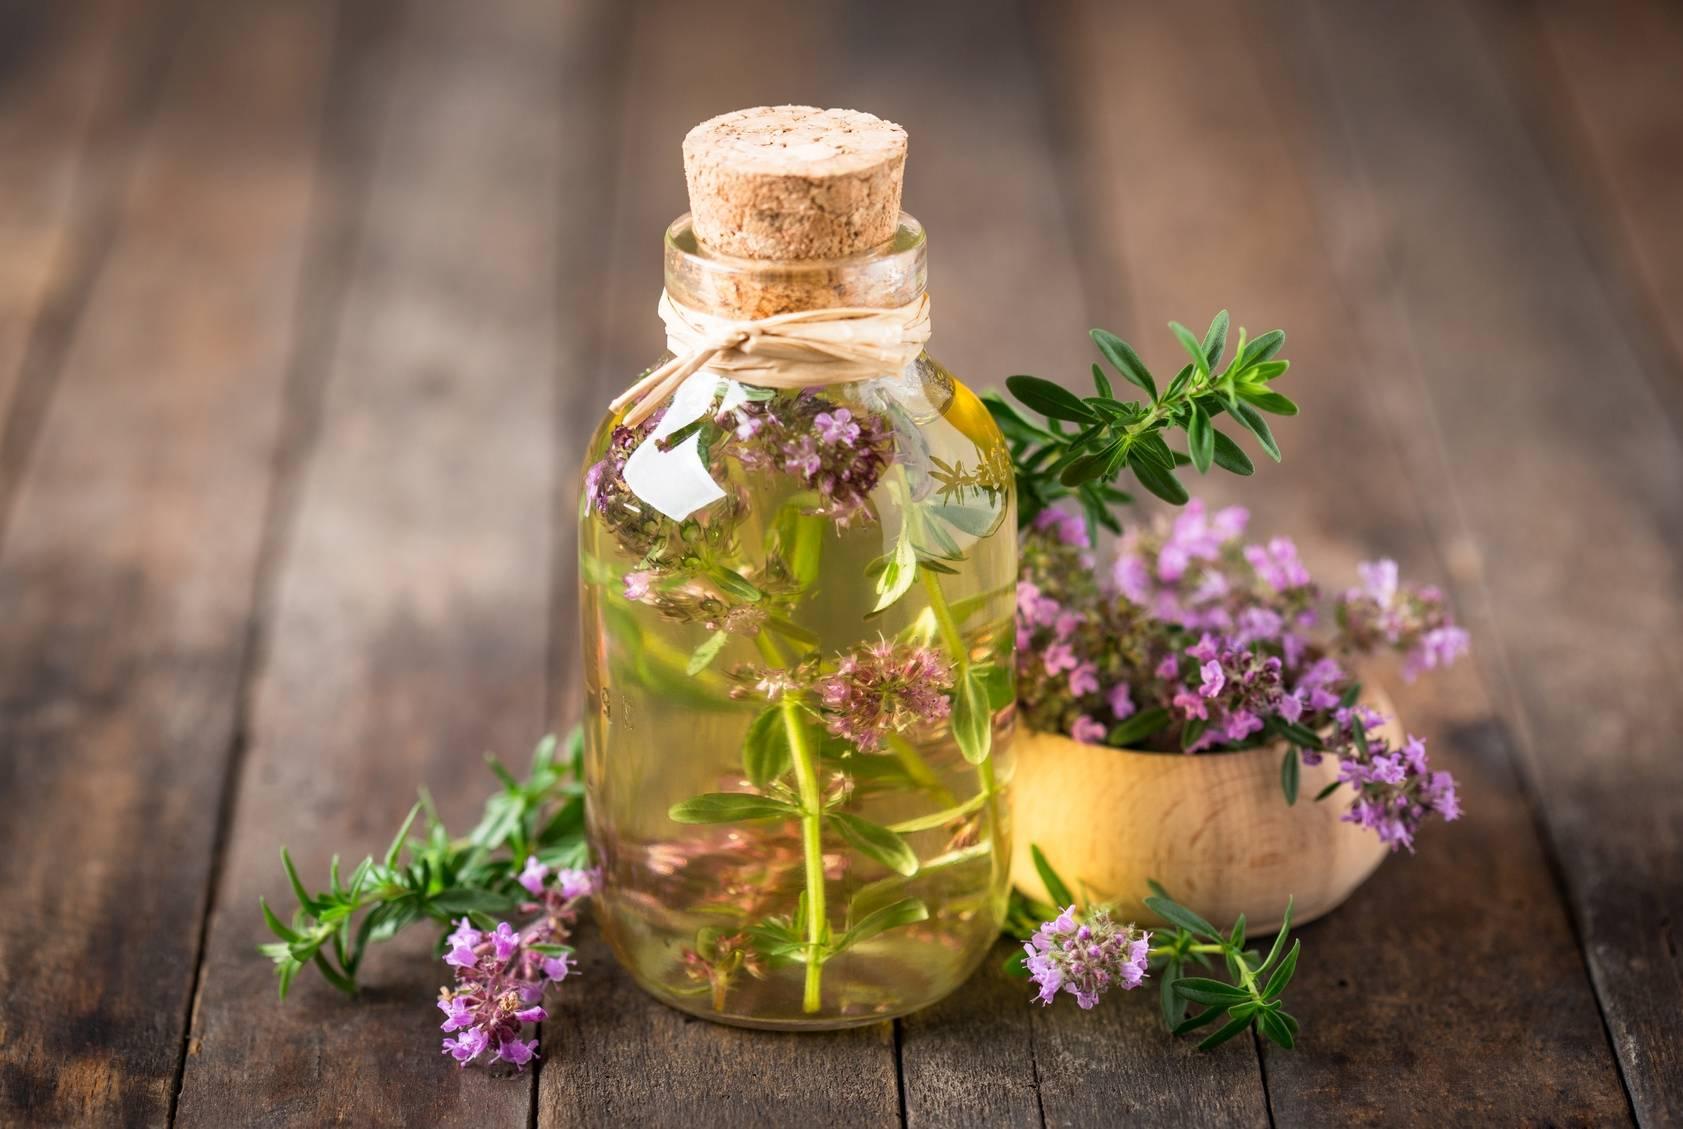 Ziołowe leki na przeziębienie z tymiankiem. Mała buteleczka oleju z tymiankiem w środku stoi na drewnianym blacie. Obok leży miseczka z kwiatem tymianku.